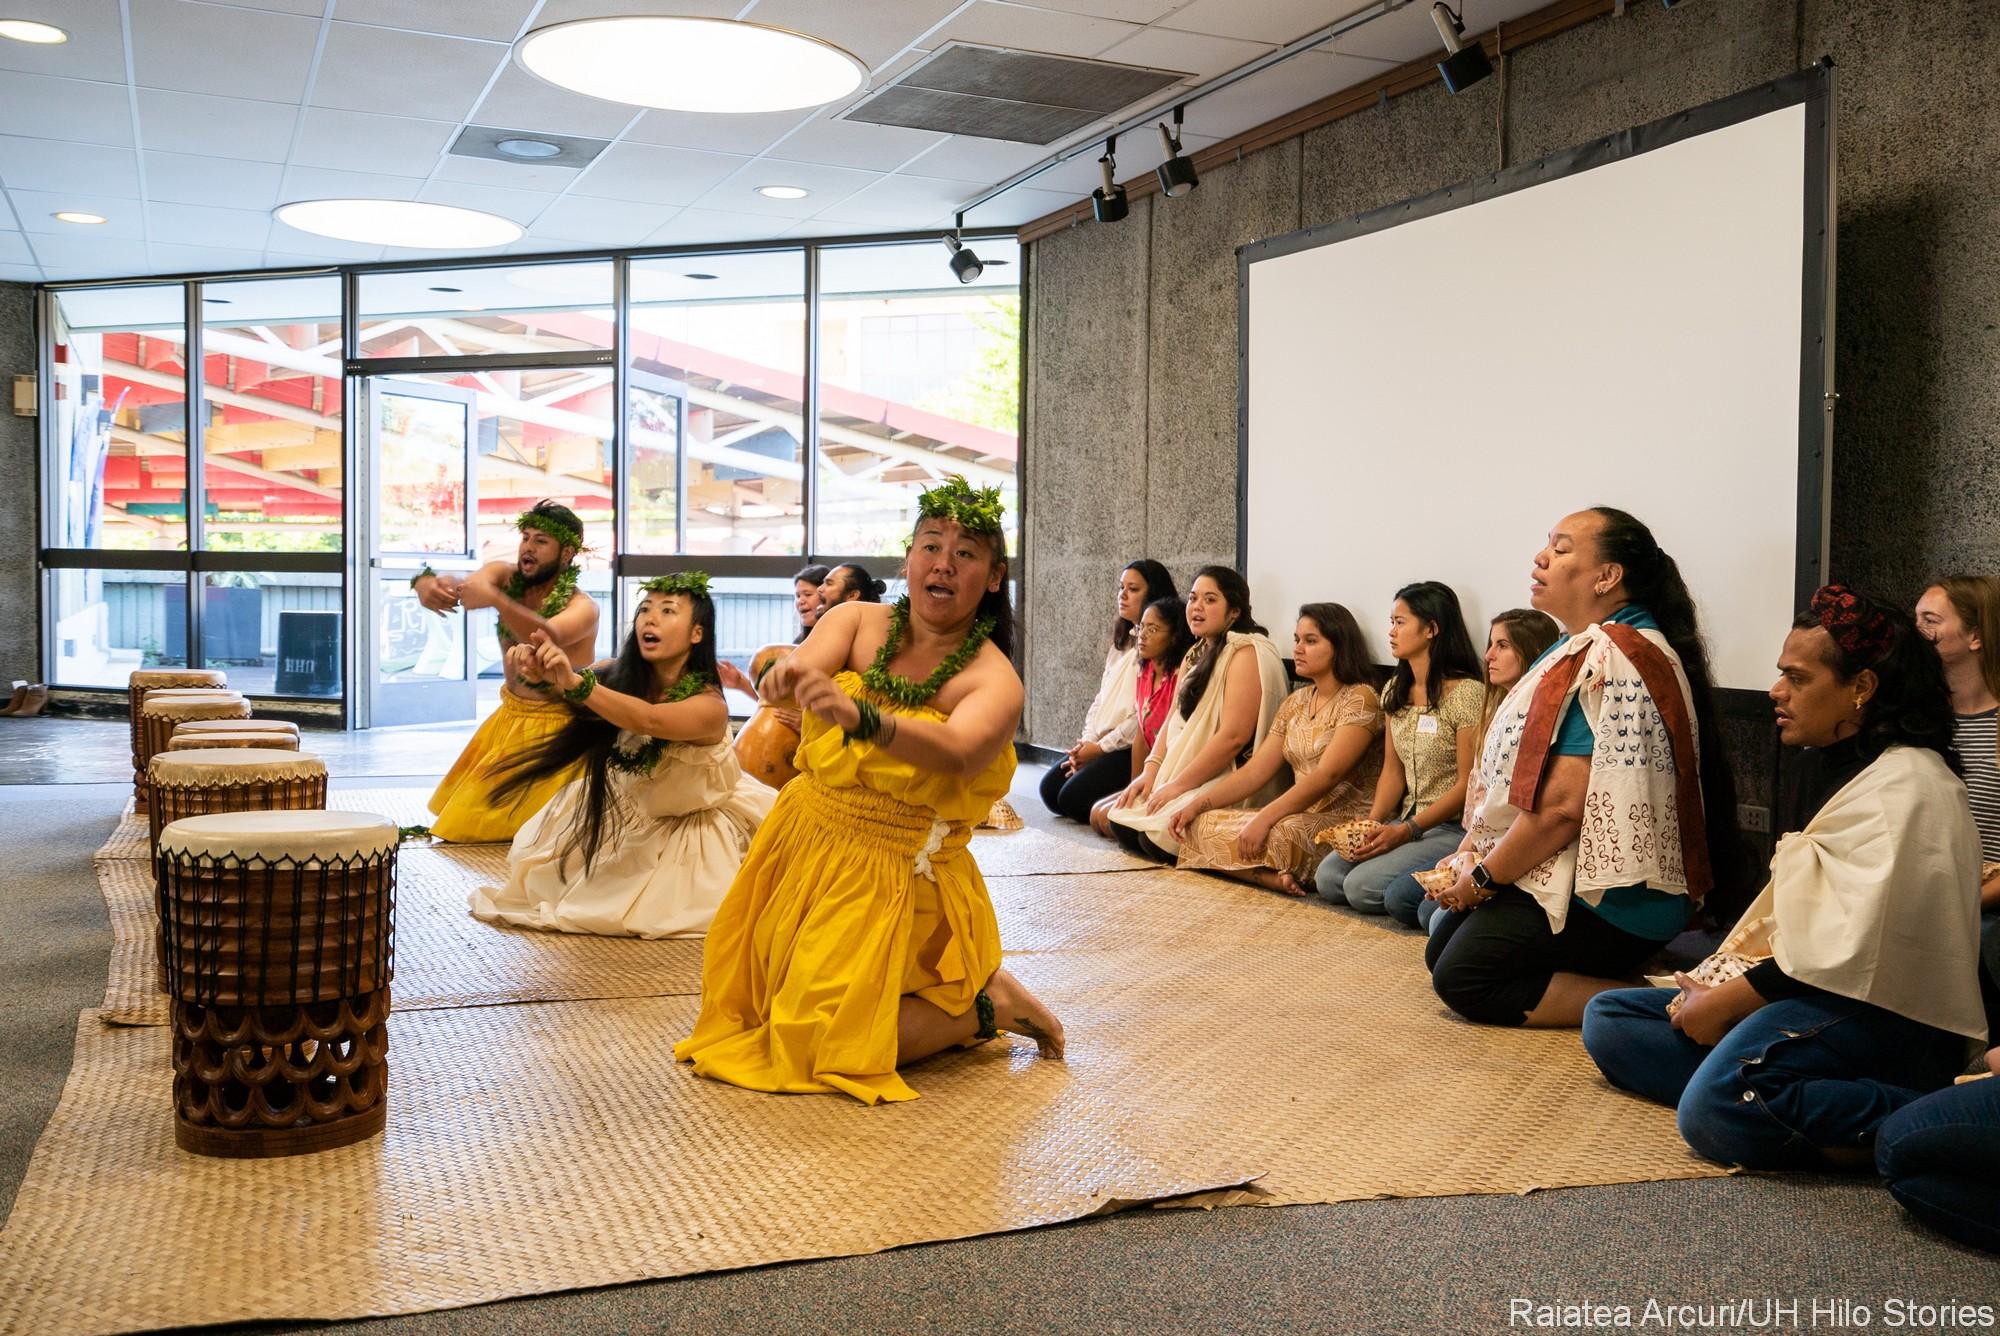 Hawaiian opening ceremonies, dancers and drums